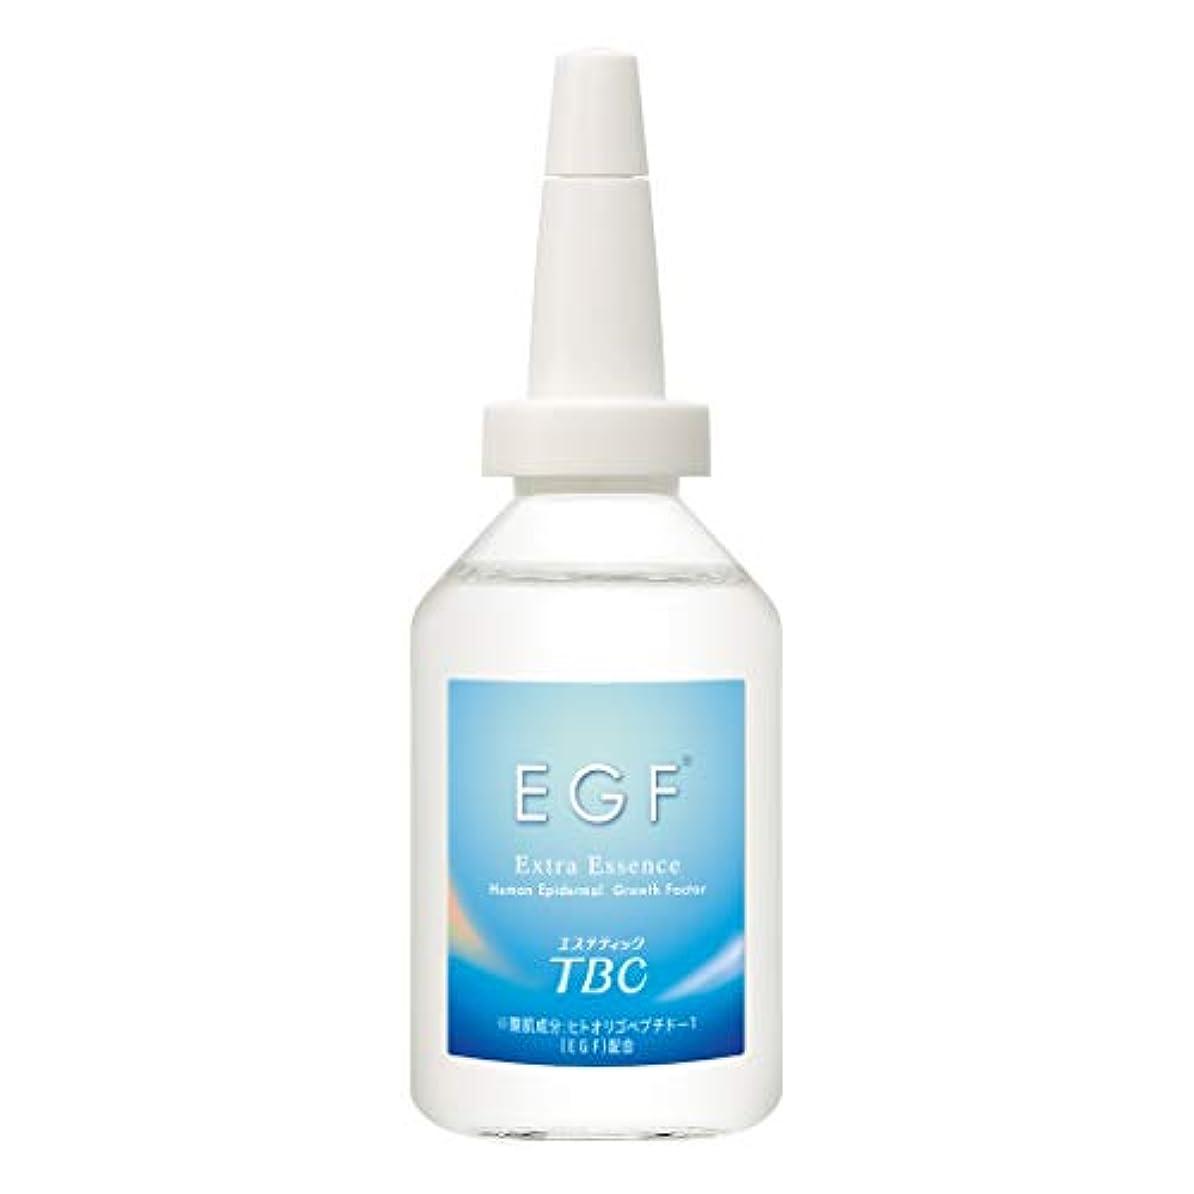 漫画なぜなら分析的なエステティックTBC TBC EGFエクストラエッセンス 美容液 30mL